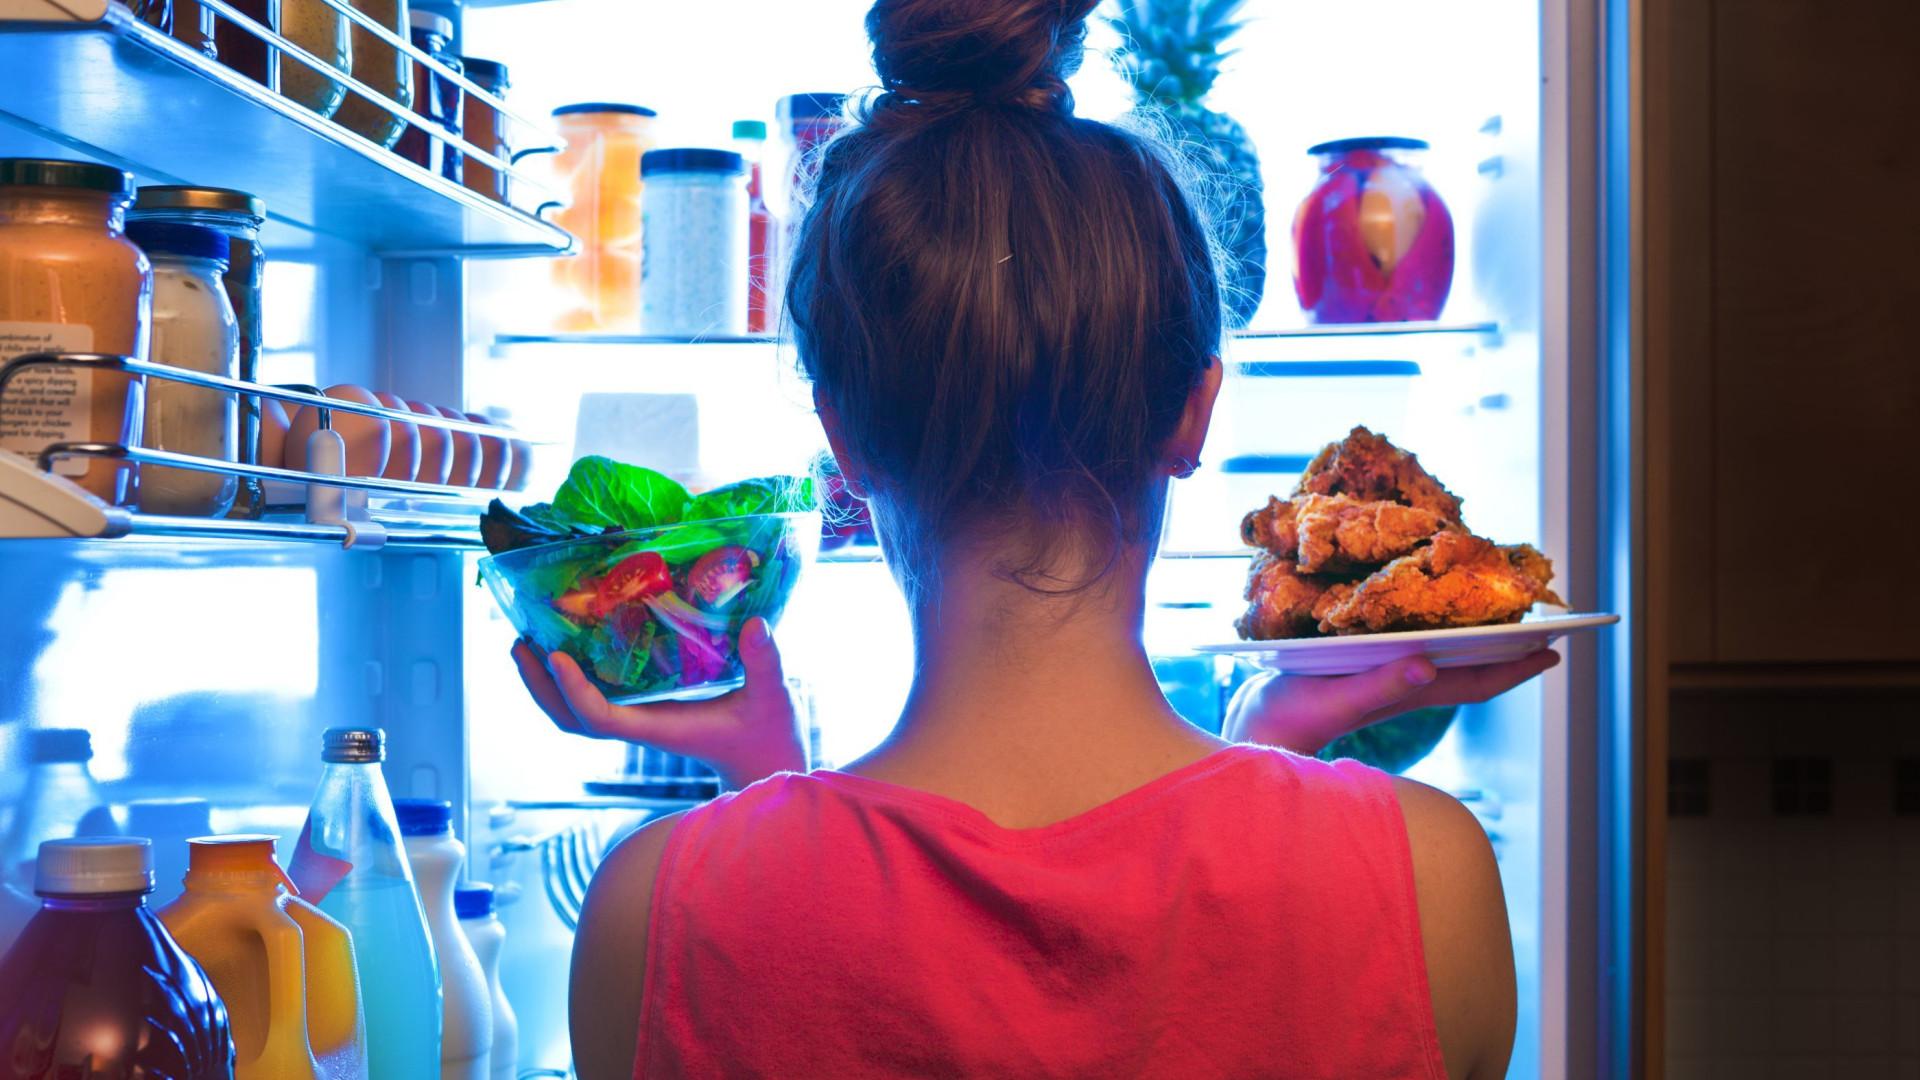 Este alimento é a causa número um de intoxicações alimentares